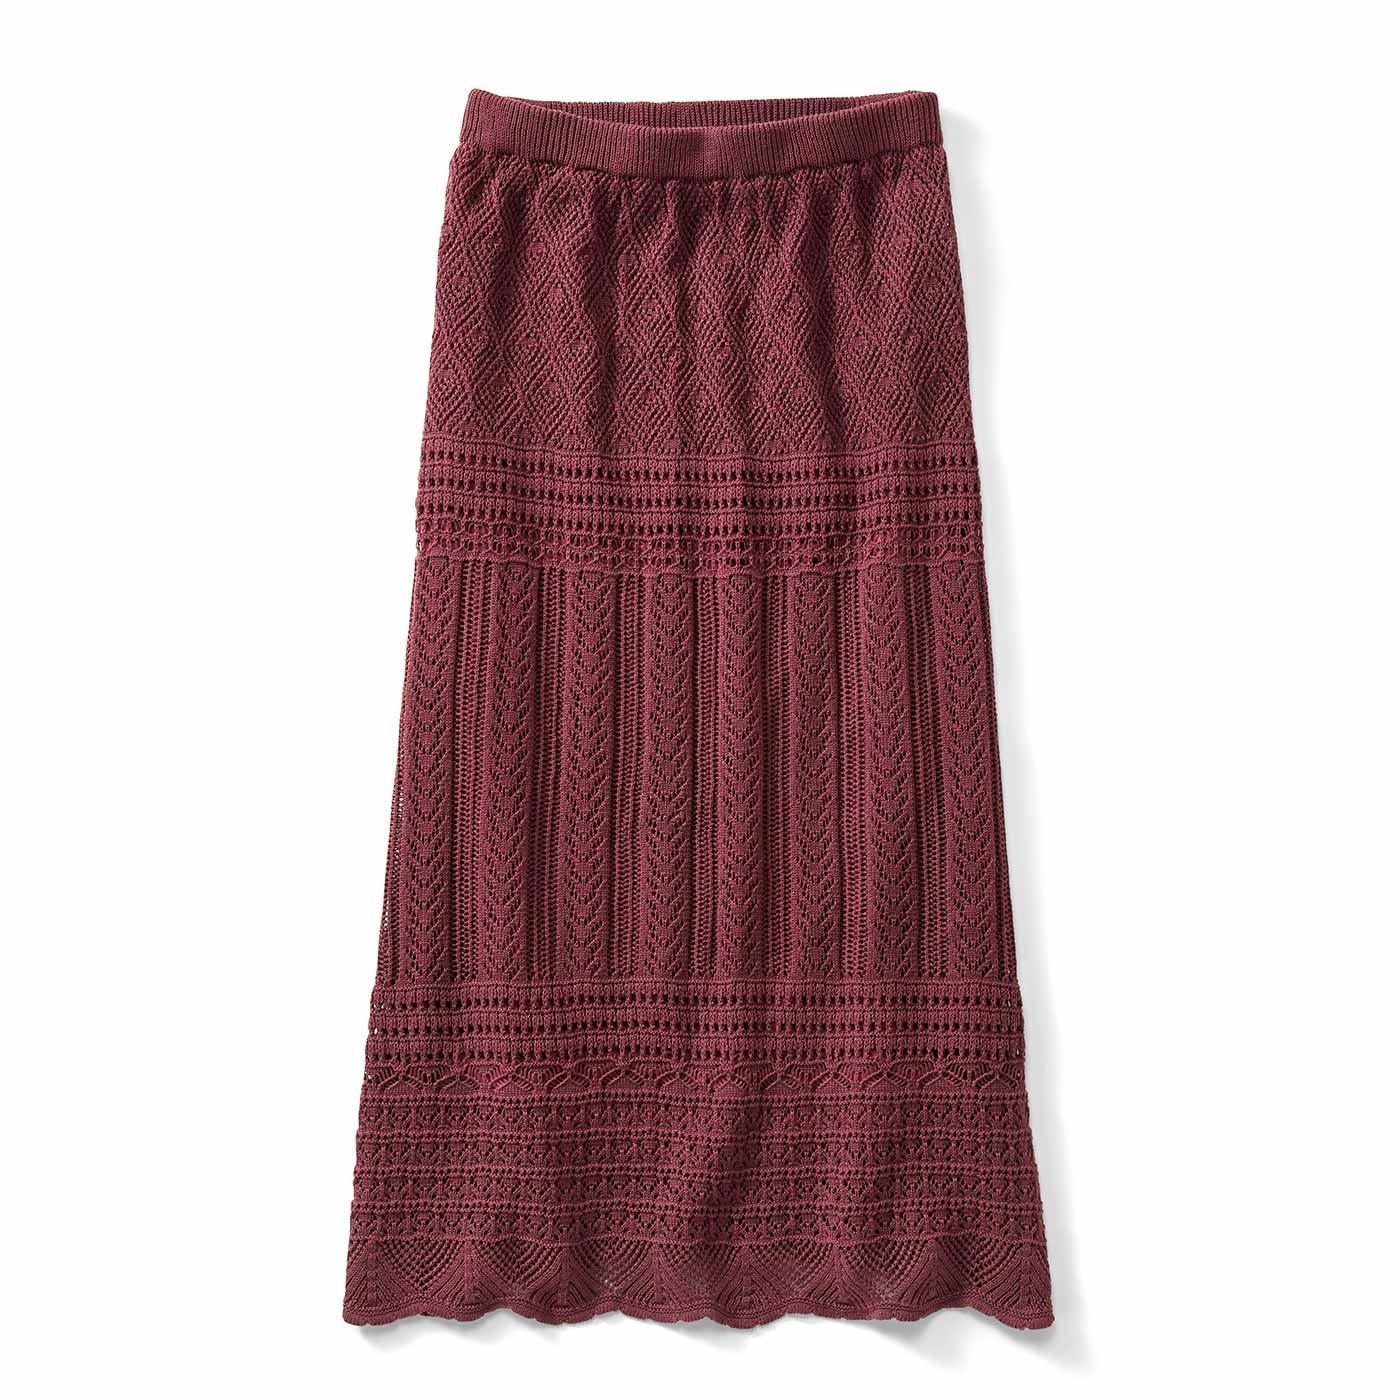 【3~10日でお届け】IEDIT[イディット] クロシェ編み風ロングニットスカート〈テラコッタブラウン〉